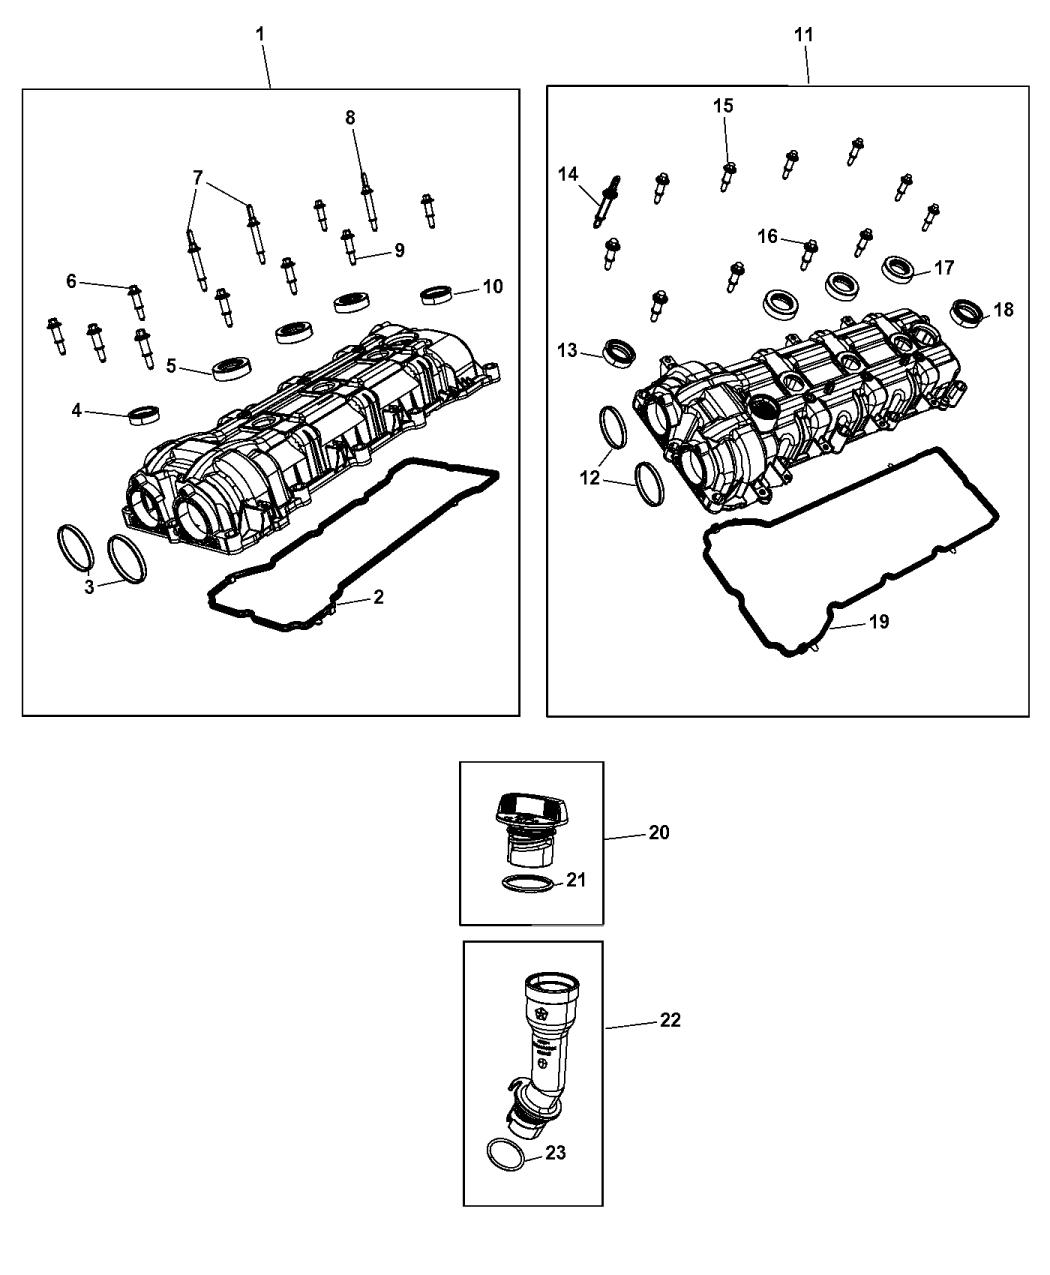 Genuine Mopar TUBE-OIL FILLER